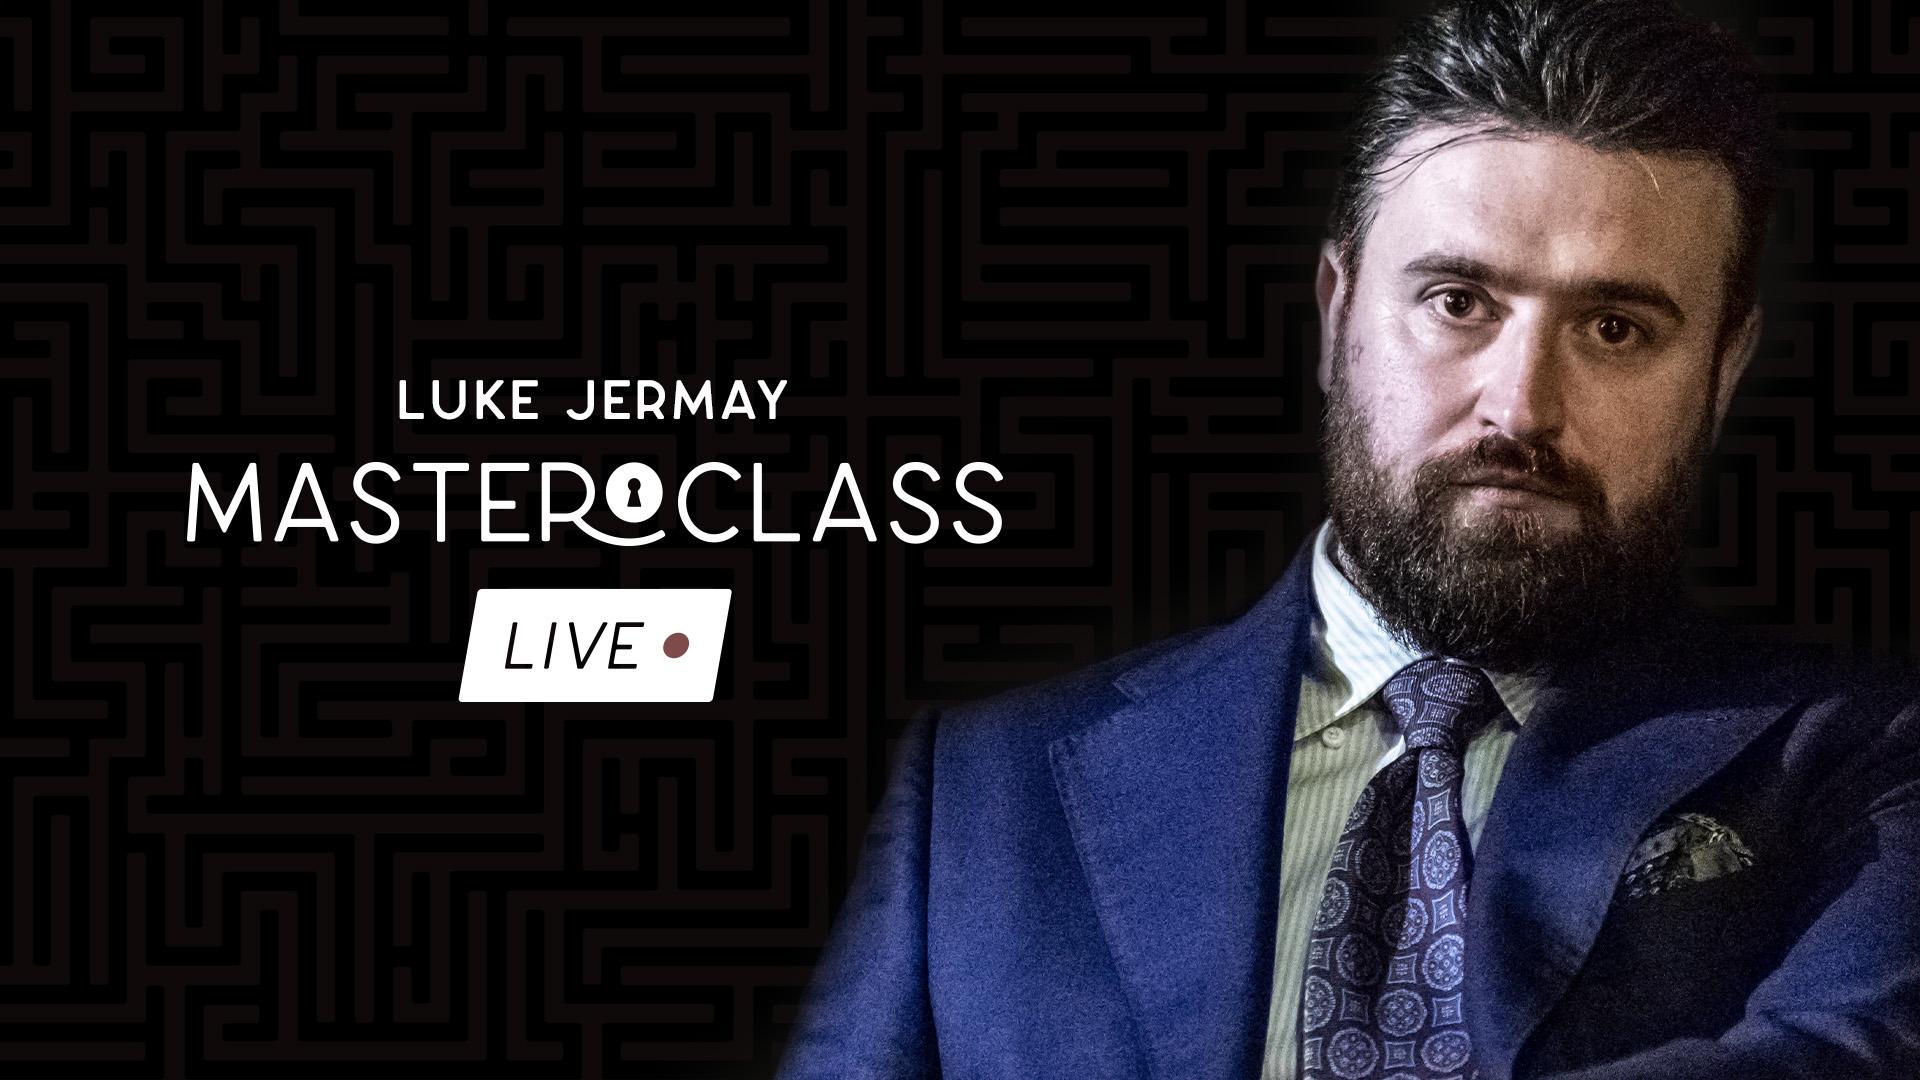 Luke Jermay: Masterclass Live - Luke Jermay - Vanishing Inc. Magic shop